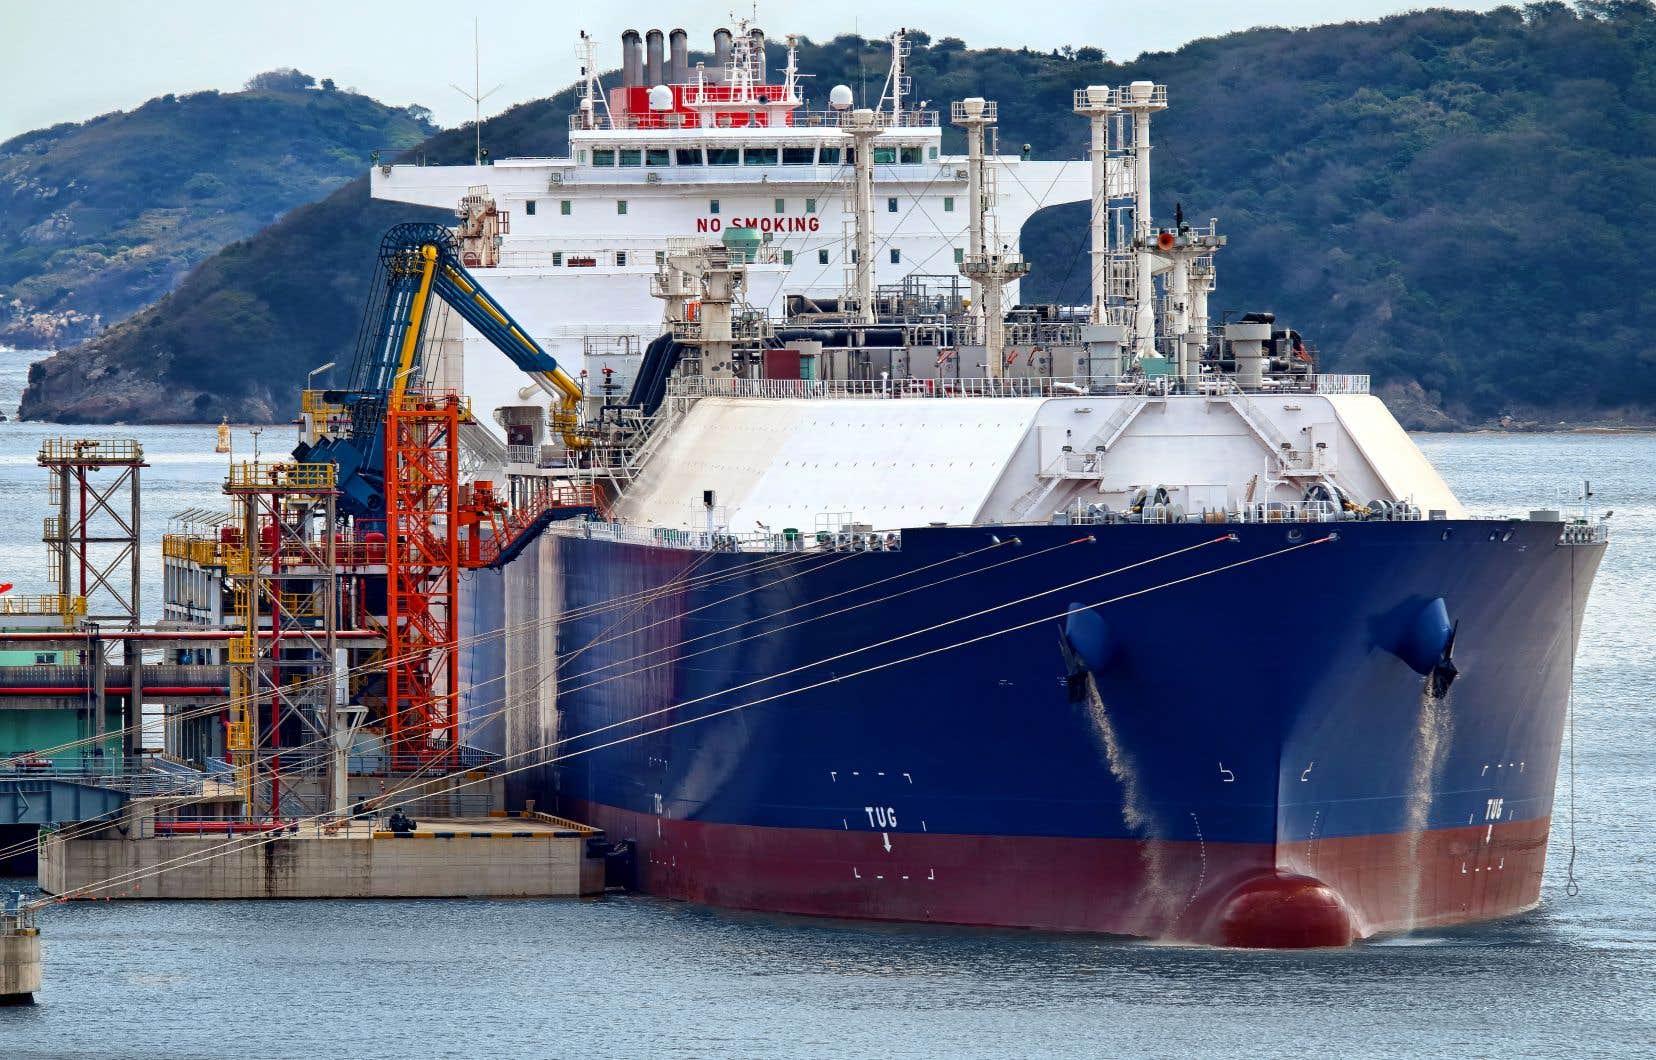 Le gaz naturel liquéfié serait exporté par des méthaniers empruntant le Saguenay et le Saint-Laurent.